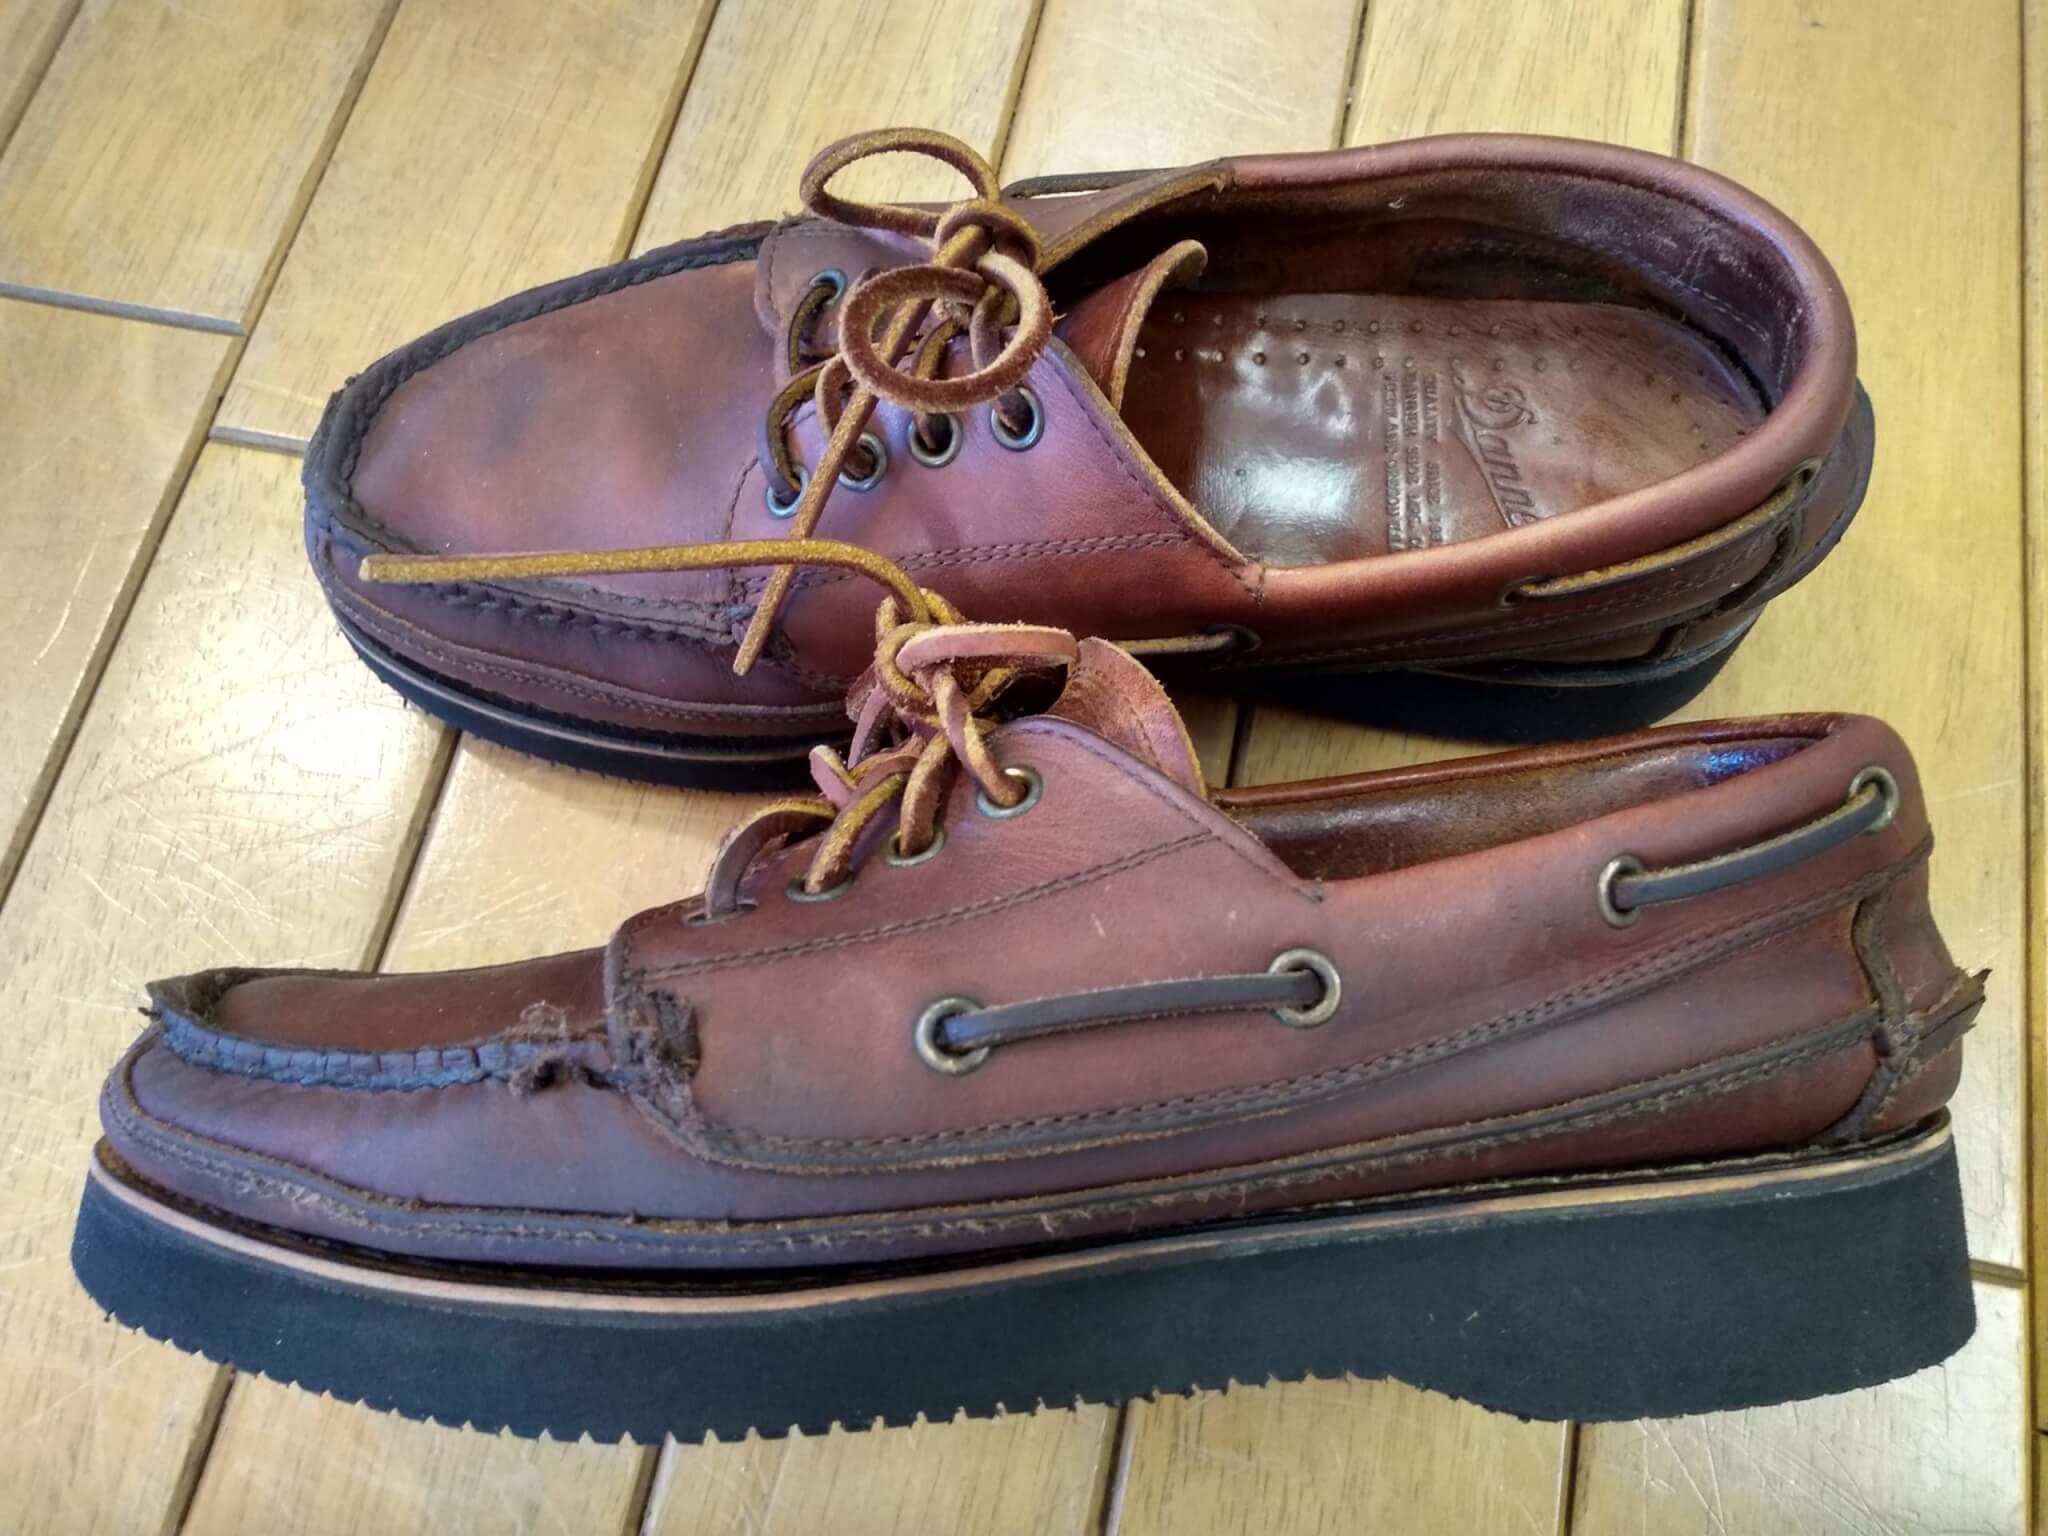 ダナーのモカシンのオールソールの靴修理